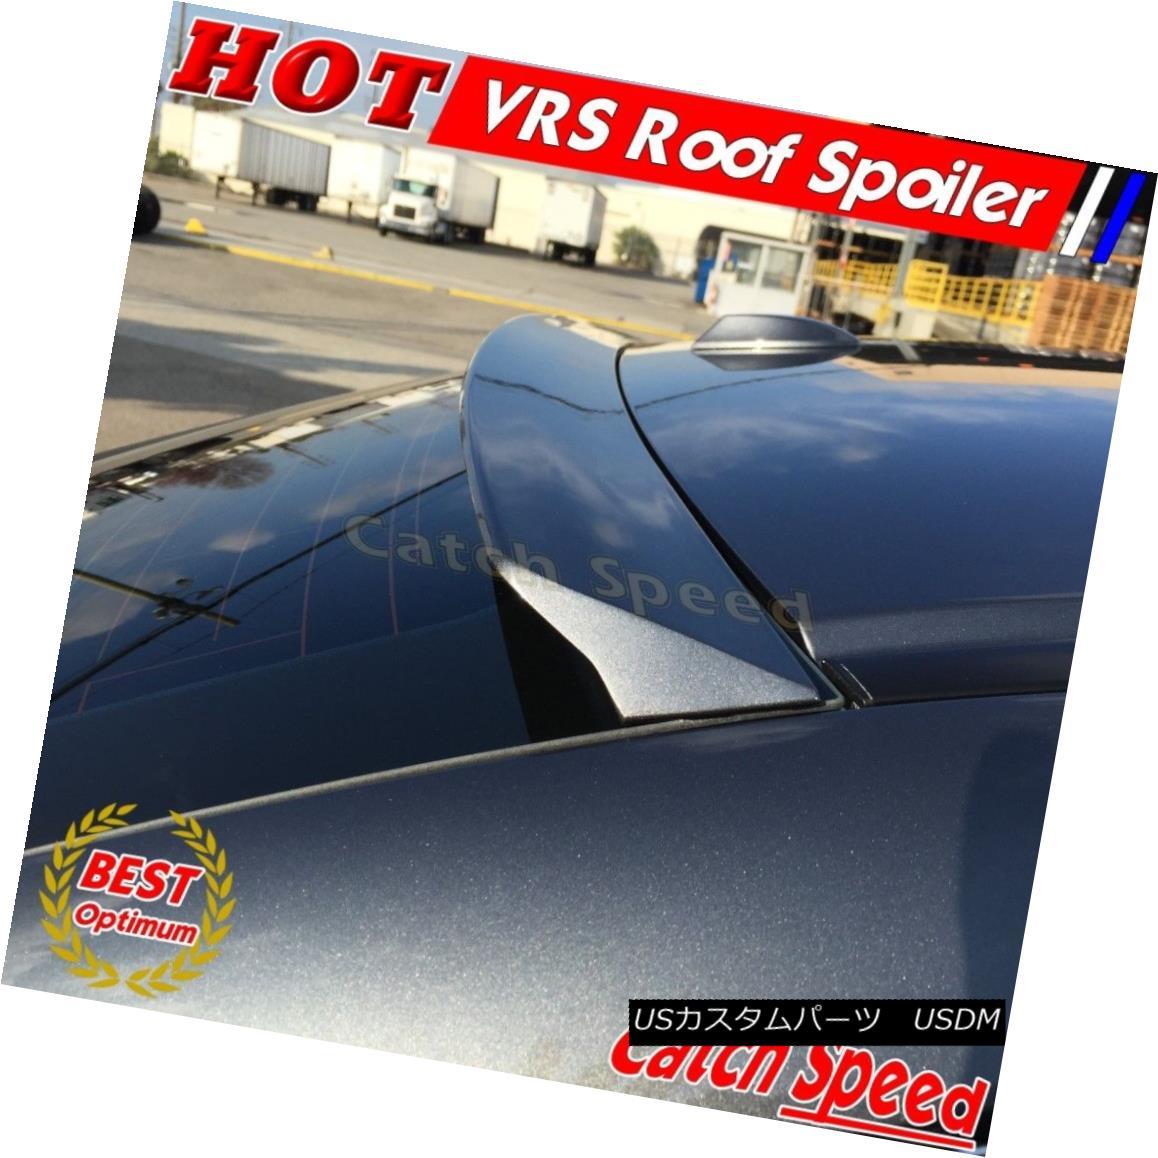 エアロパーツ Flat Black VRS Style Rear Windoe Roof Spoiler Wing For Audi A8 D2 Sedan 1994-02 Audi A8 D2セダン用フラットブラックVRSスタイルリアウィンドウルーフスポイラーウイング1994-02